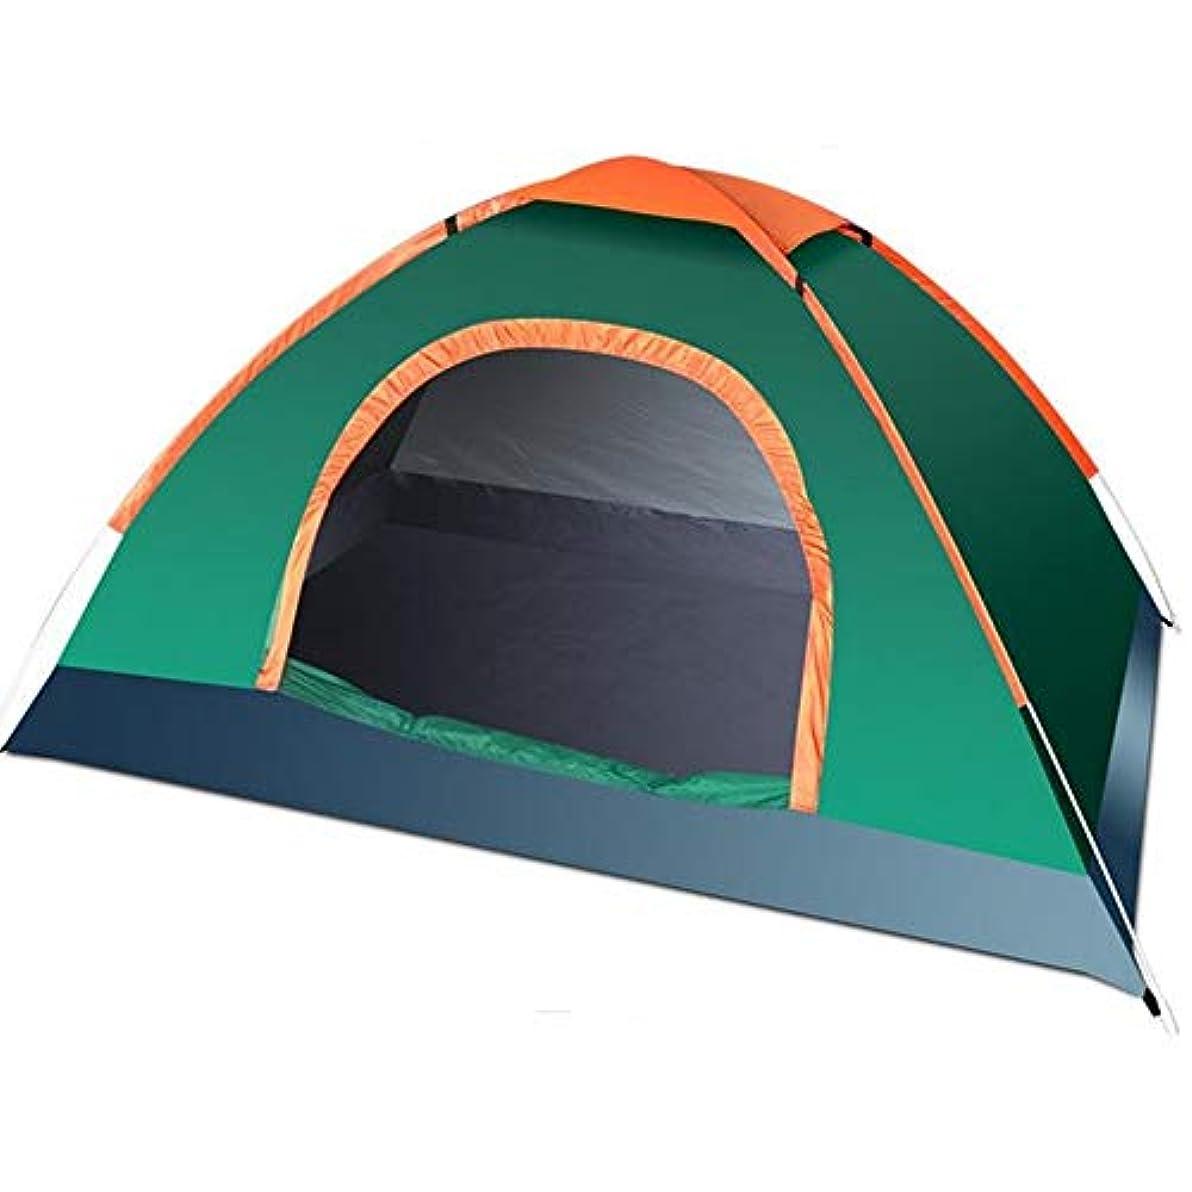 予報流用する快適Feelyer 携帯用テント屋外のキャンプテント防水素材UV保護ボディ保護屋外のピクニックに適しています釣りキャンプ品質保証 顧客に愛されて (色 : 緑, サイズ : 200*200*130cm)